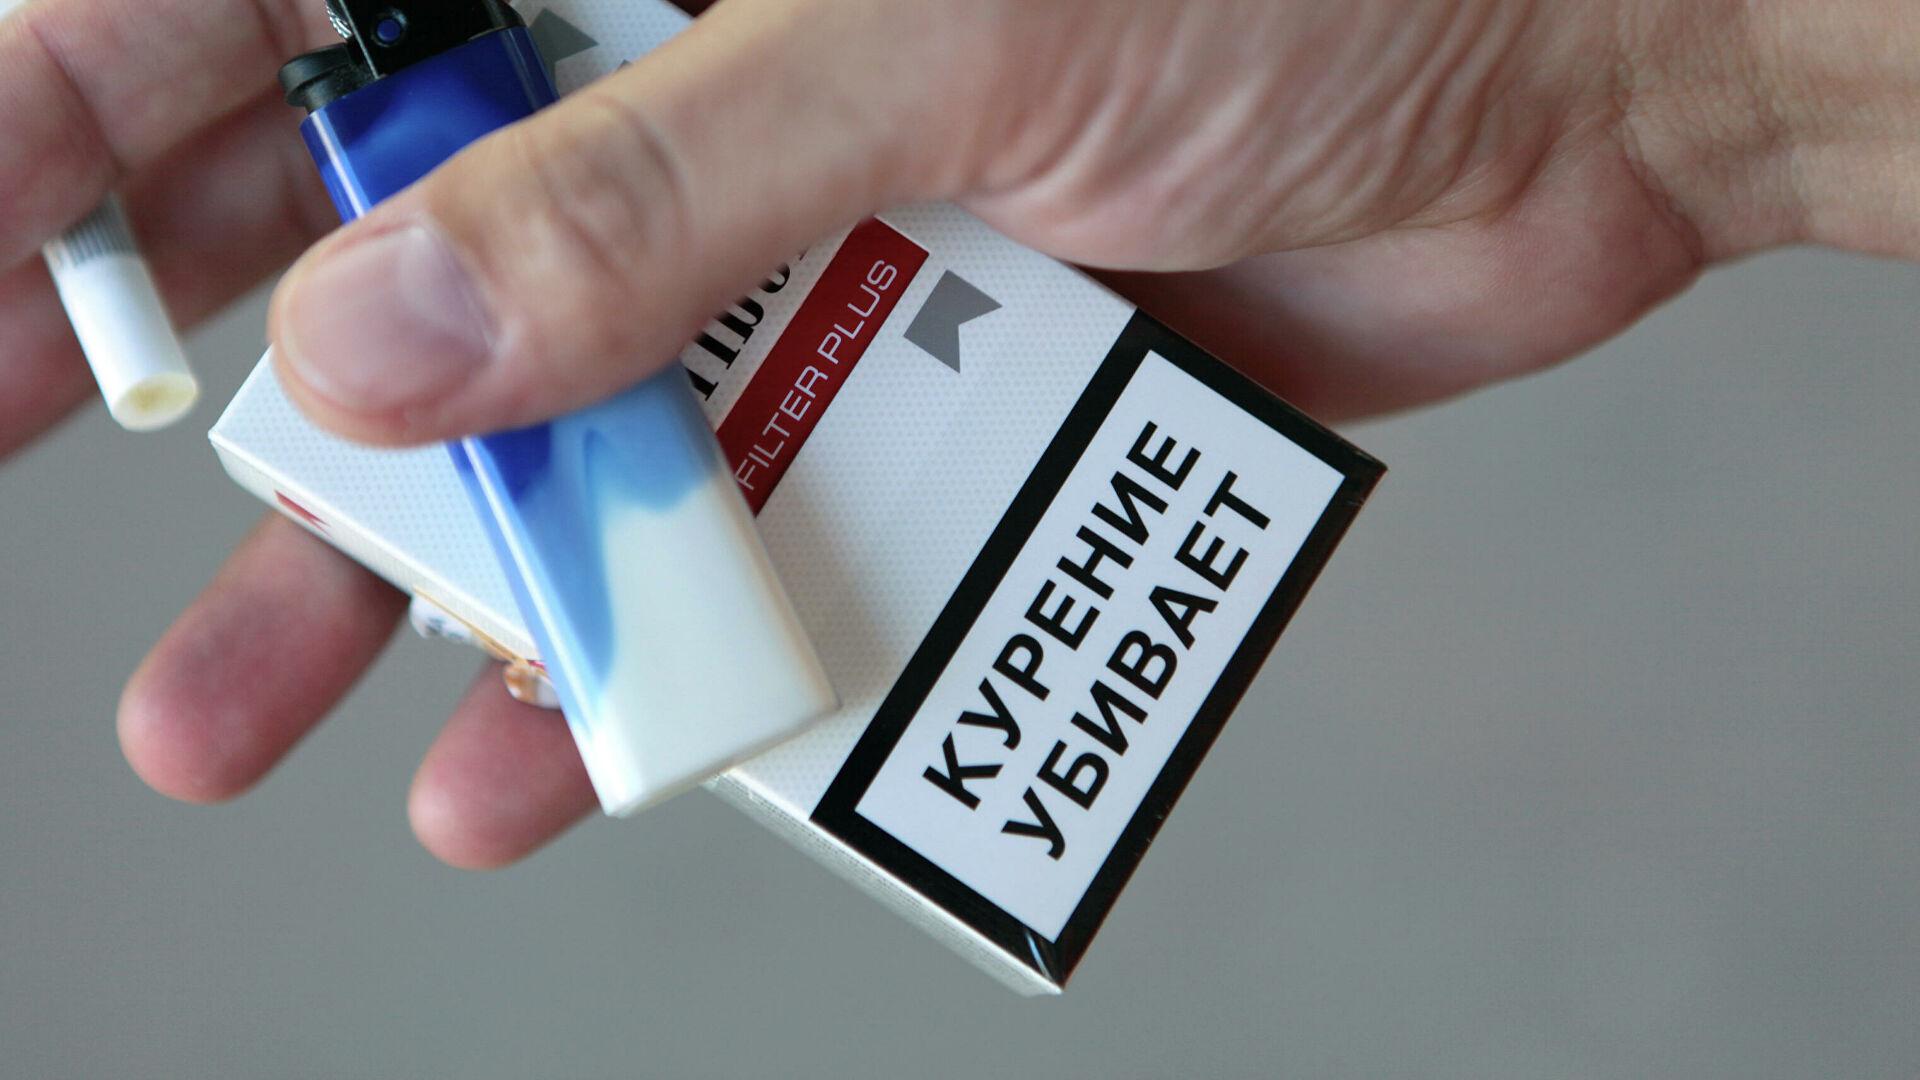 В России устанавливается минимальная цена на табачную продукцию